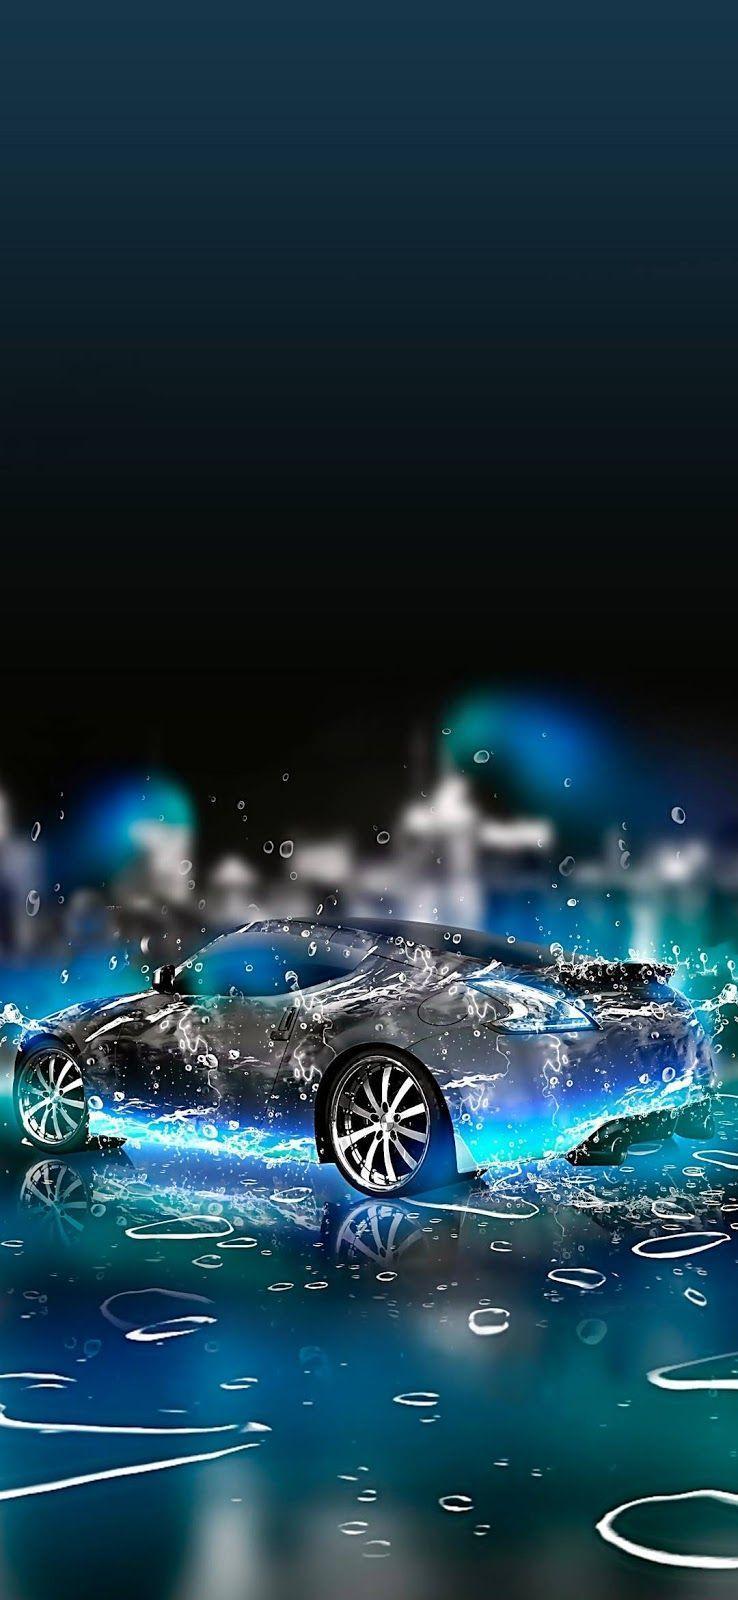 Mô hình 4K 738x1600 Chiếc xe đang ở trong nước.  Hình nền điện thoại.  Hình nền ô tô, Hình nền máy tính, Hình nền máy tính xách tay Hình nền máy tính